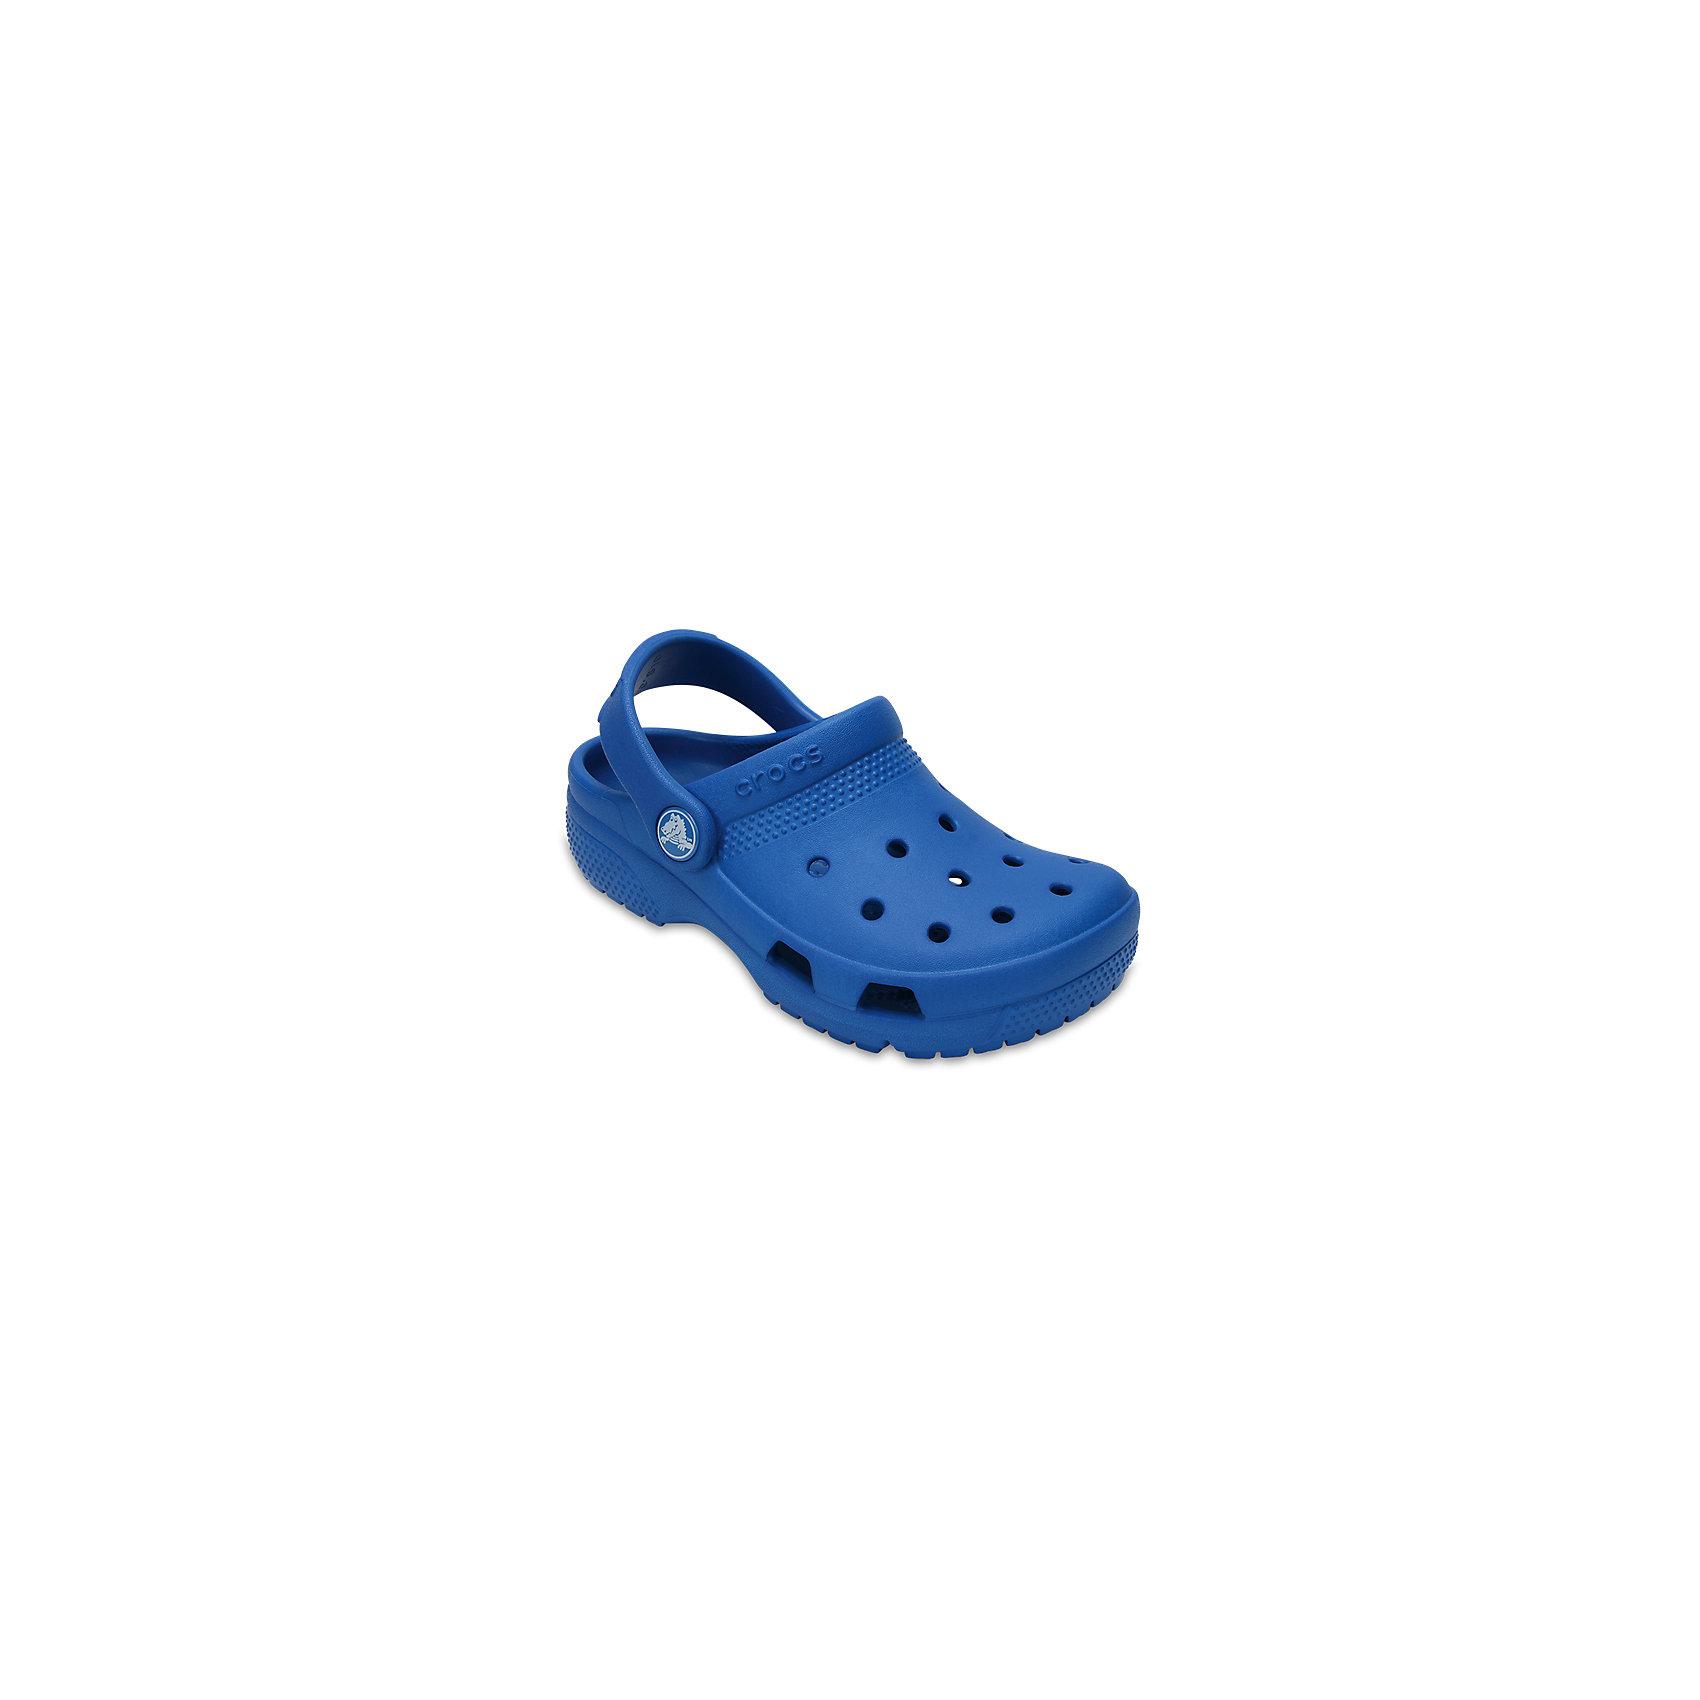 Сабо Classic clog, CROCSПляжная обувь<br>Характеристики товара:<br><br>• цвет: синий<br>• сезон: лето<br>• тип: пляжная обувь<br>• материал: 100% полимер Croslite™<br>• литая модель<br>• вентиляционные отверстия<br>• бактериостатичный материал<br>• пяточный ремешок фиксирует стопу<br>• толстая устойчивая подошва<br>• отверстия для использования украшений<br>• анатомическая стелька с массажными точками<br>• страна бренда: США<br>• страна изготовитель: Китай<br><br>Сабо Classic clog обеспечивают детям необходимый комфорт, а анатомическая стелька с массажными линиями для стимуляции кровообращения позволяет ножкам дольше не уставать. <br><br>Материал, из которого они сделаны, не дает размножаться бактериям, поэтому такая обувь препятствует образованию неприятного запаха и появлению болезней стоп. <br><br>Обувь от американского бренда Crocs в данный момент завоевала широкую популярность во всем мире, и это не удивительно - ведь она невероятно удобна. <br><br>Сабо Classic clog от торговой марки Crocs можно купить в нашем интернет-магазине.<br><br>Ширина мм: 225<br>Глубина мм: 139<br>Высота мм: 112<br>Вес г: 290<br>Цвет: синий<br>Возраст от месяцев: 132<br>Возраст до месяцев: 144<br>Пол: Унисекс<br>Возраст: Детский<br>Размер: 29,34/35,30,23,24,25,26,31/32,33/34,27,28<br>SKU: 5416796